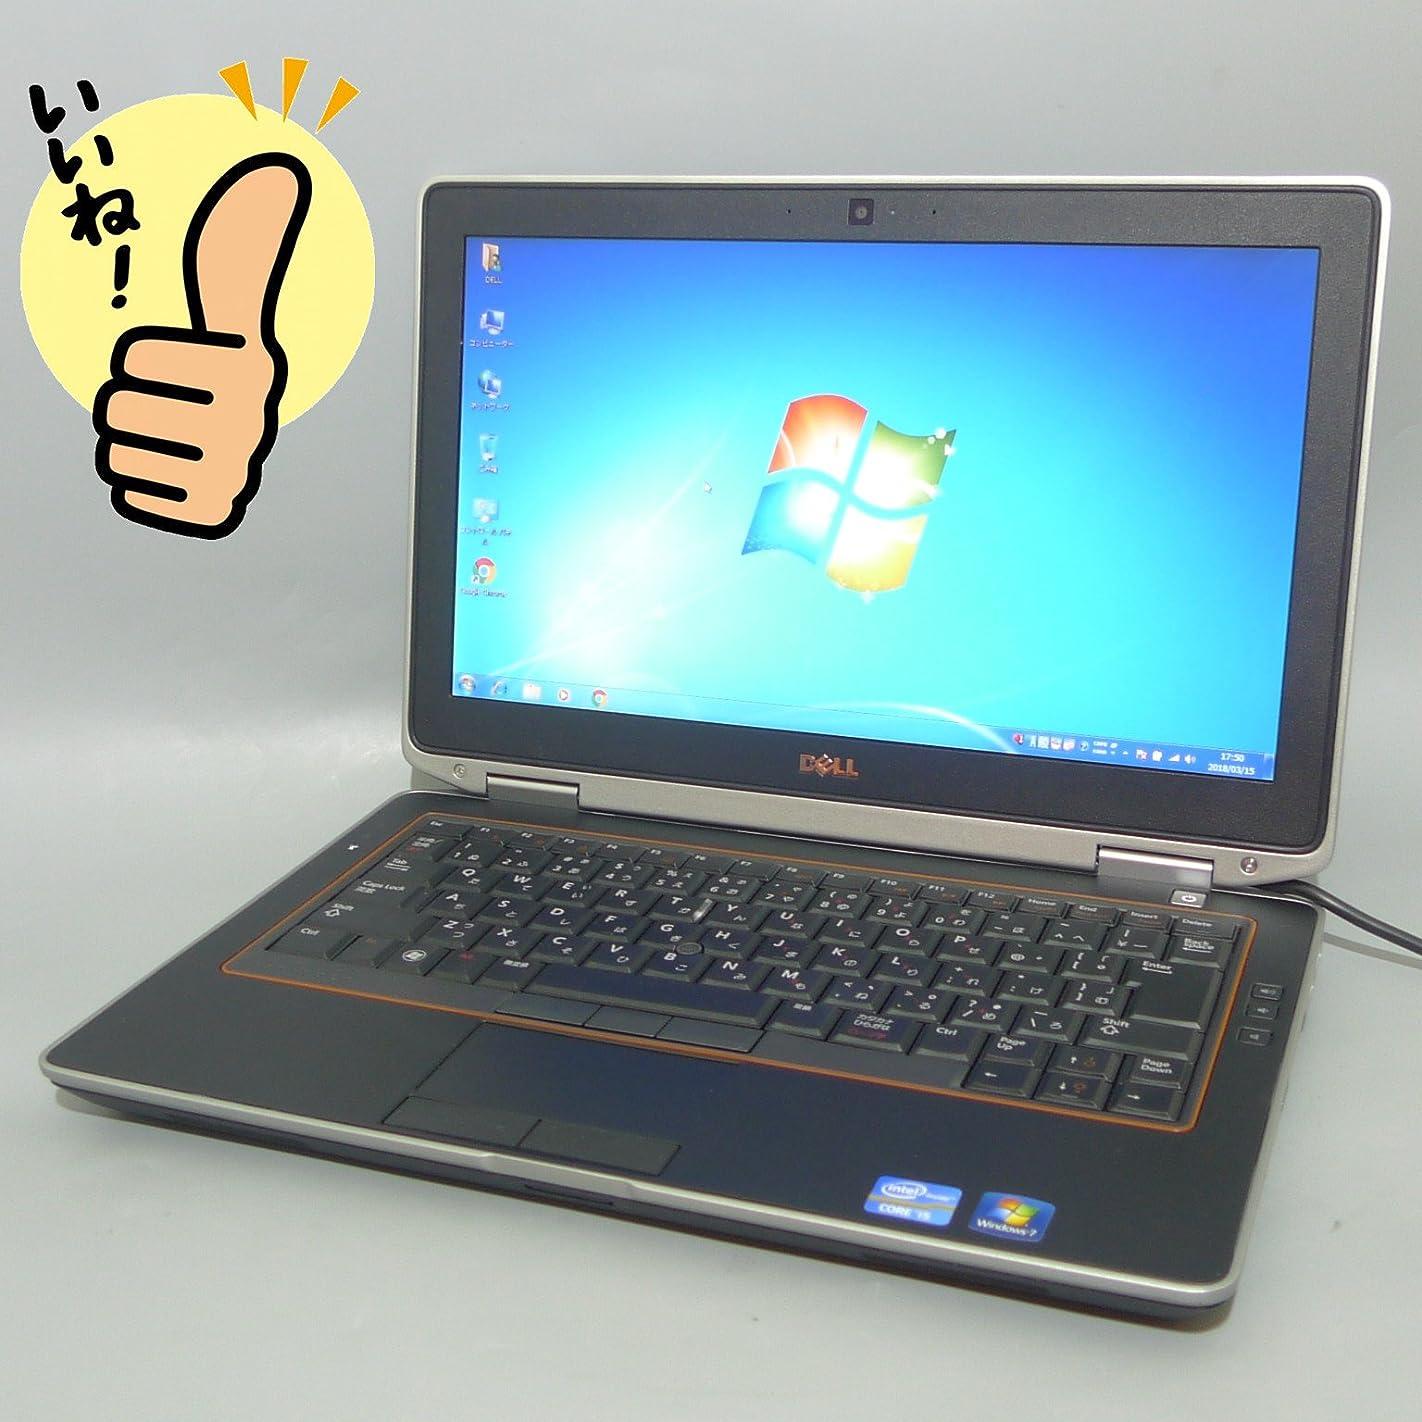 オートメーションであること根絶する★即使用可能!中古ノートパソコン★ Windows 7 Professional 64bit搭載 DELL デル E6320 /第2世代Core i5 2520M 2.50Ghz/メモリー 4GB/HDD 320GB/DVDスーパーマルチレコーダー搭載/13.3インチ HD液晶(1366x768)/無線LAN(Wi-Fi)搭載/Bluetooth搭載/Microsoft Office 2010搭載